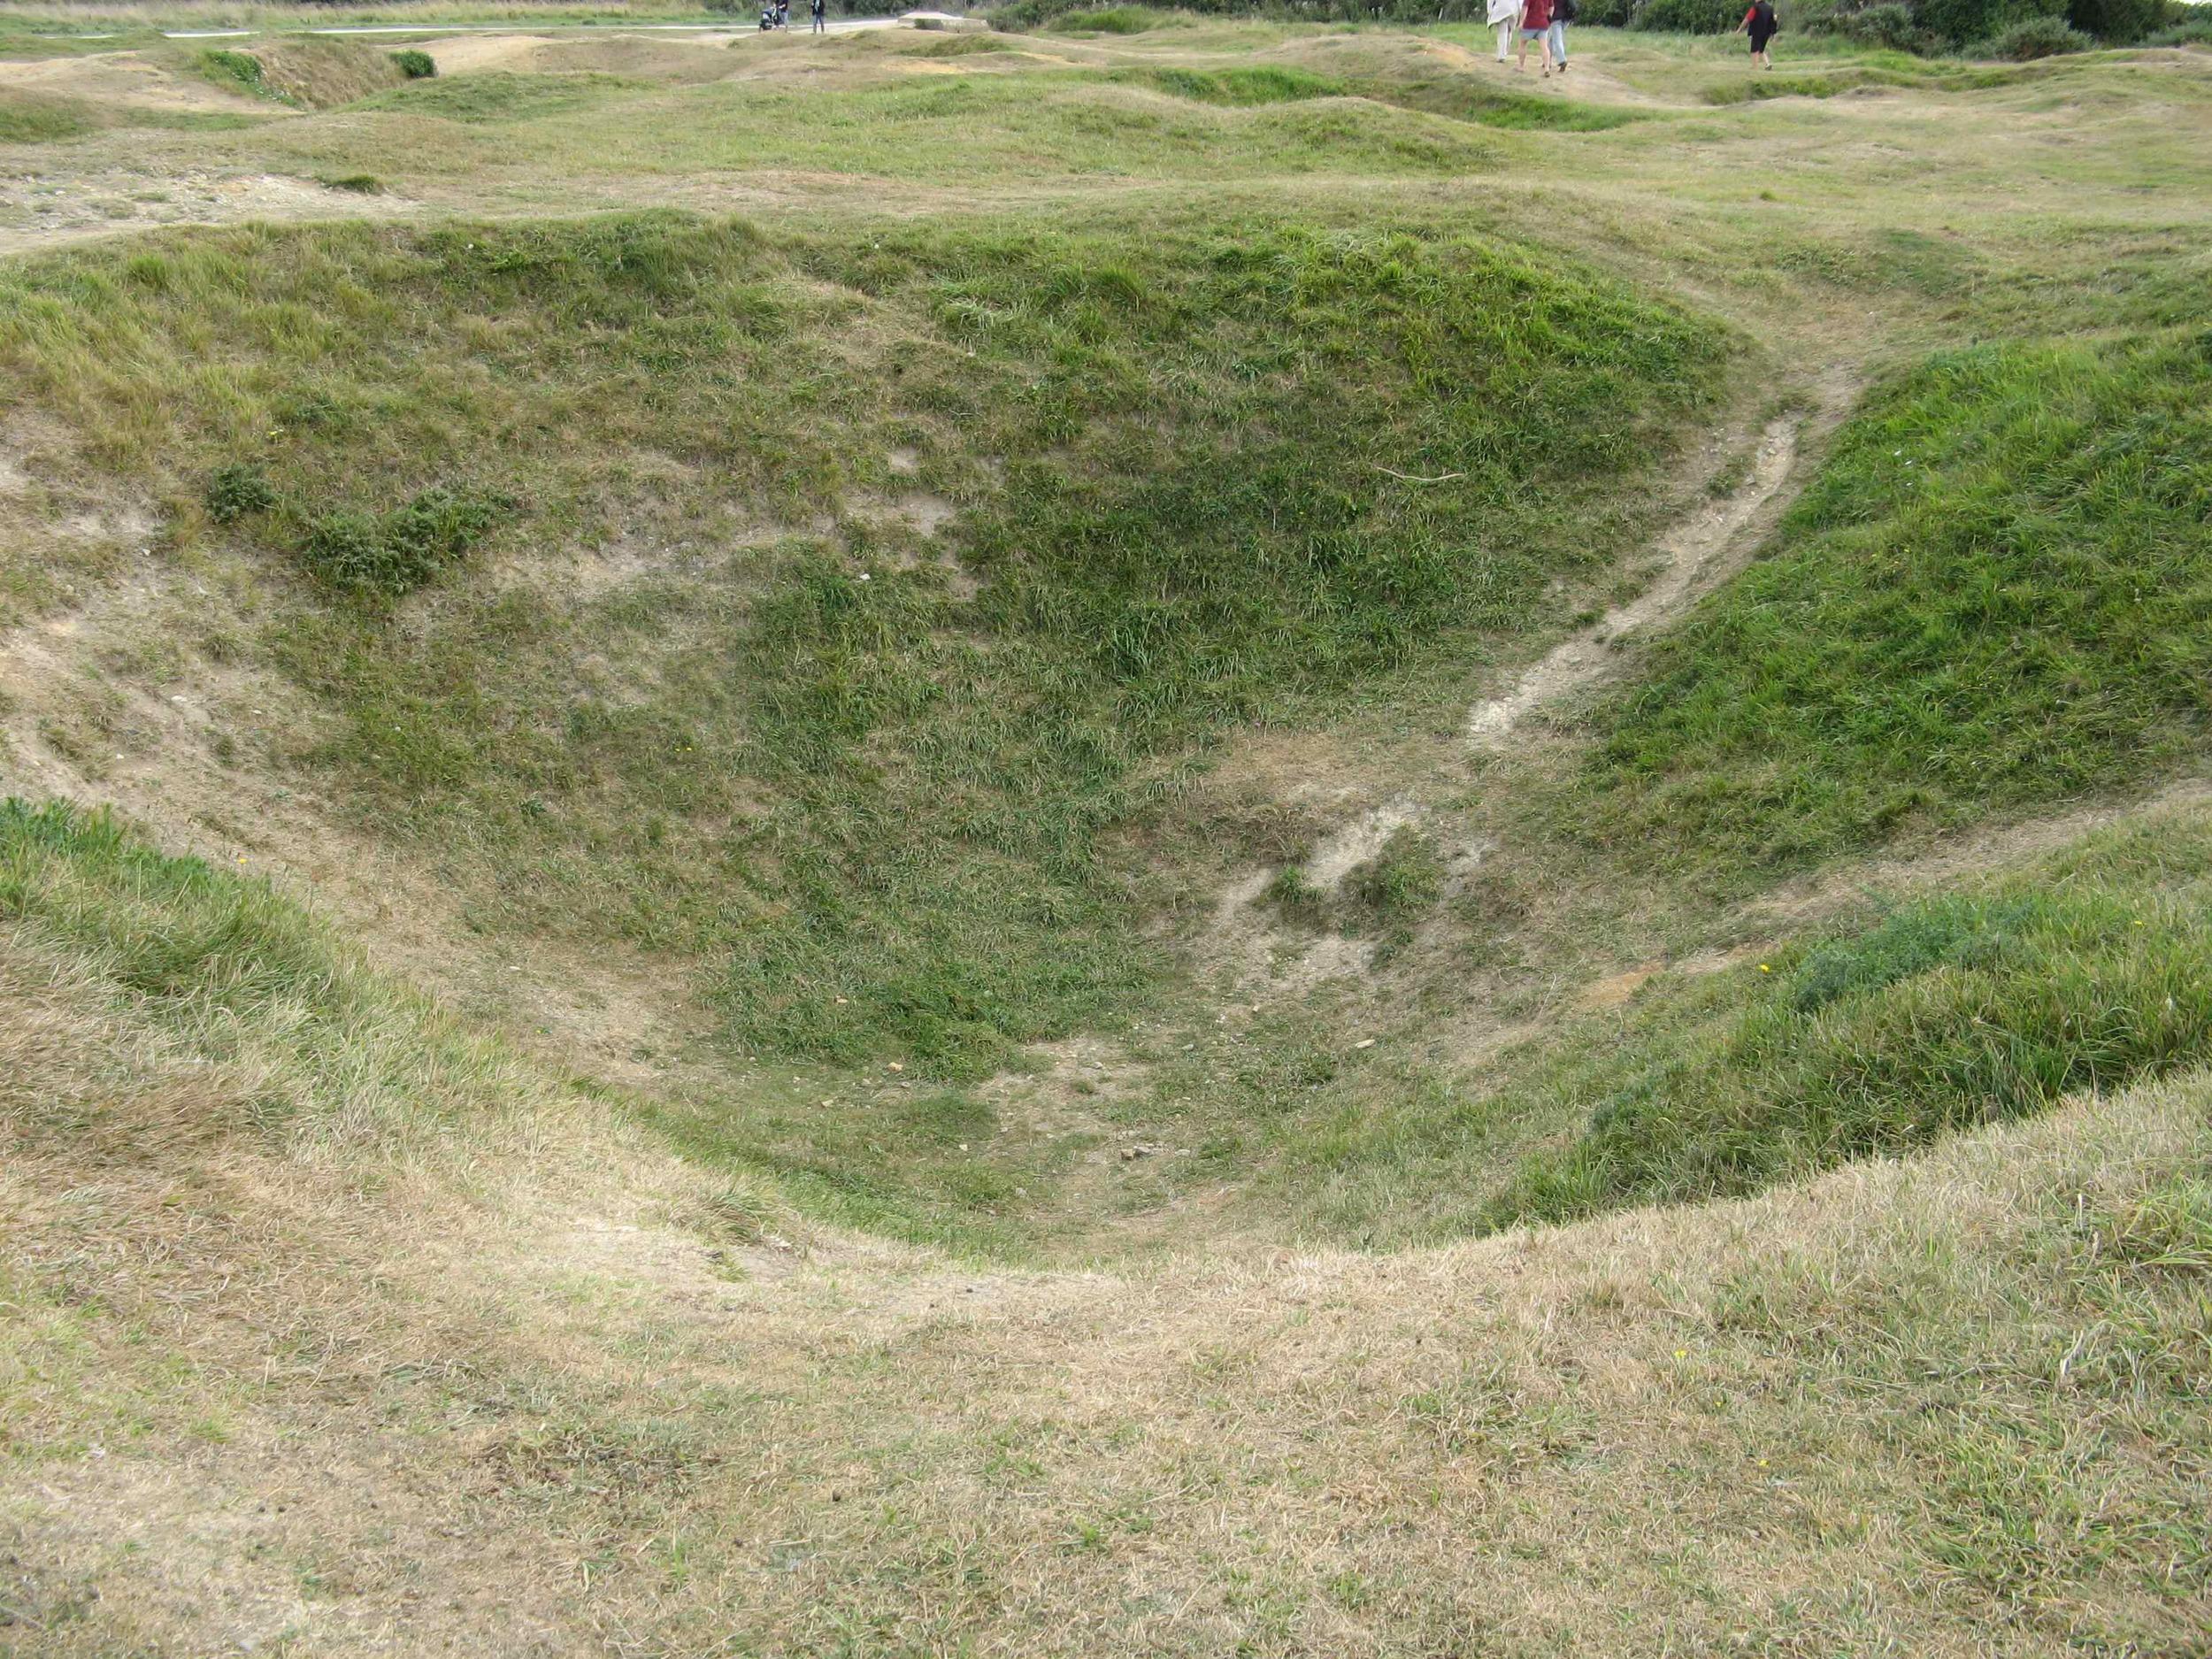 Pointe du Hoc crater